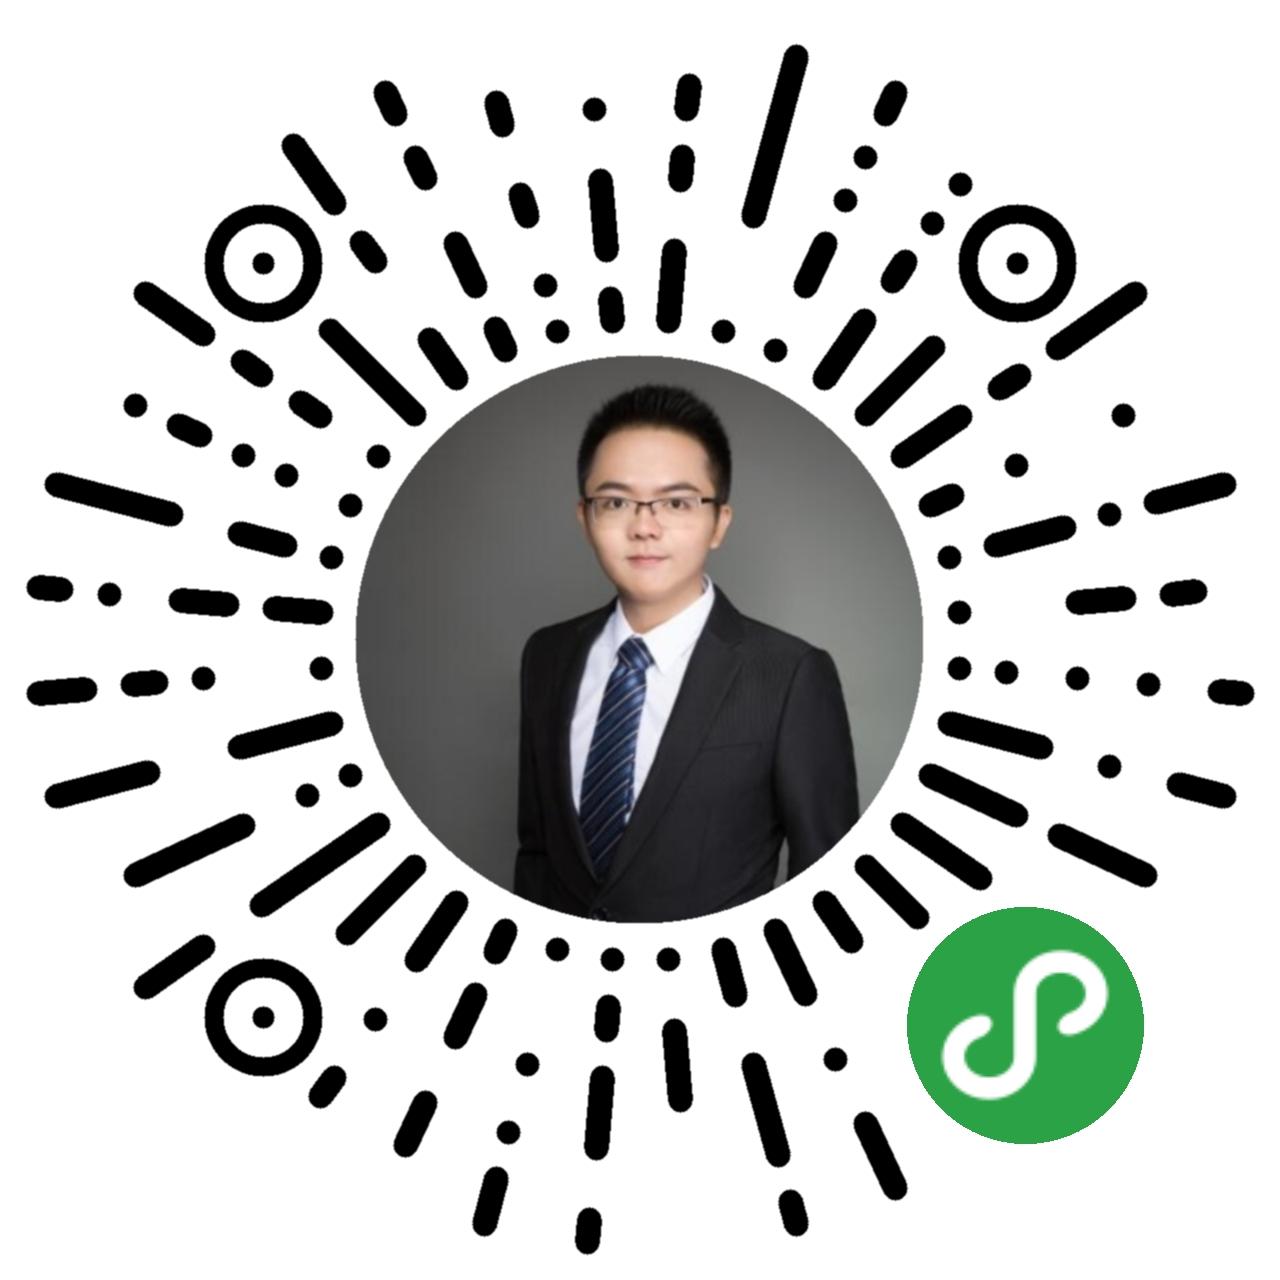 广州刑事辩护律师李汉林二维码